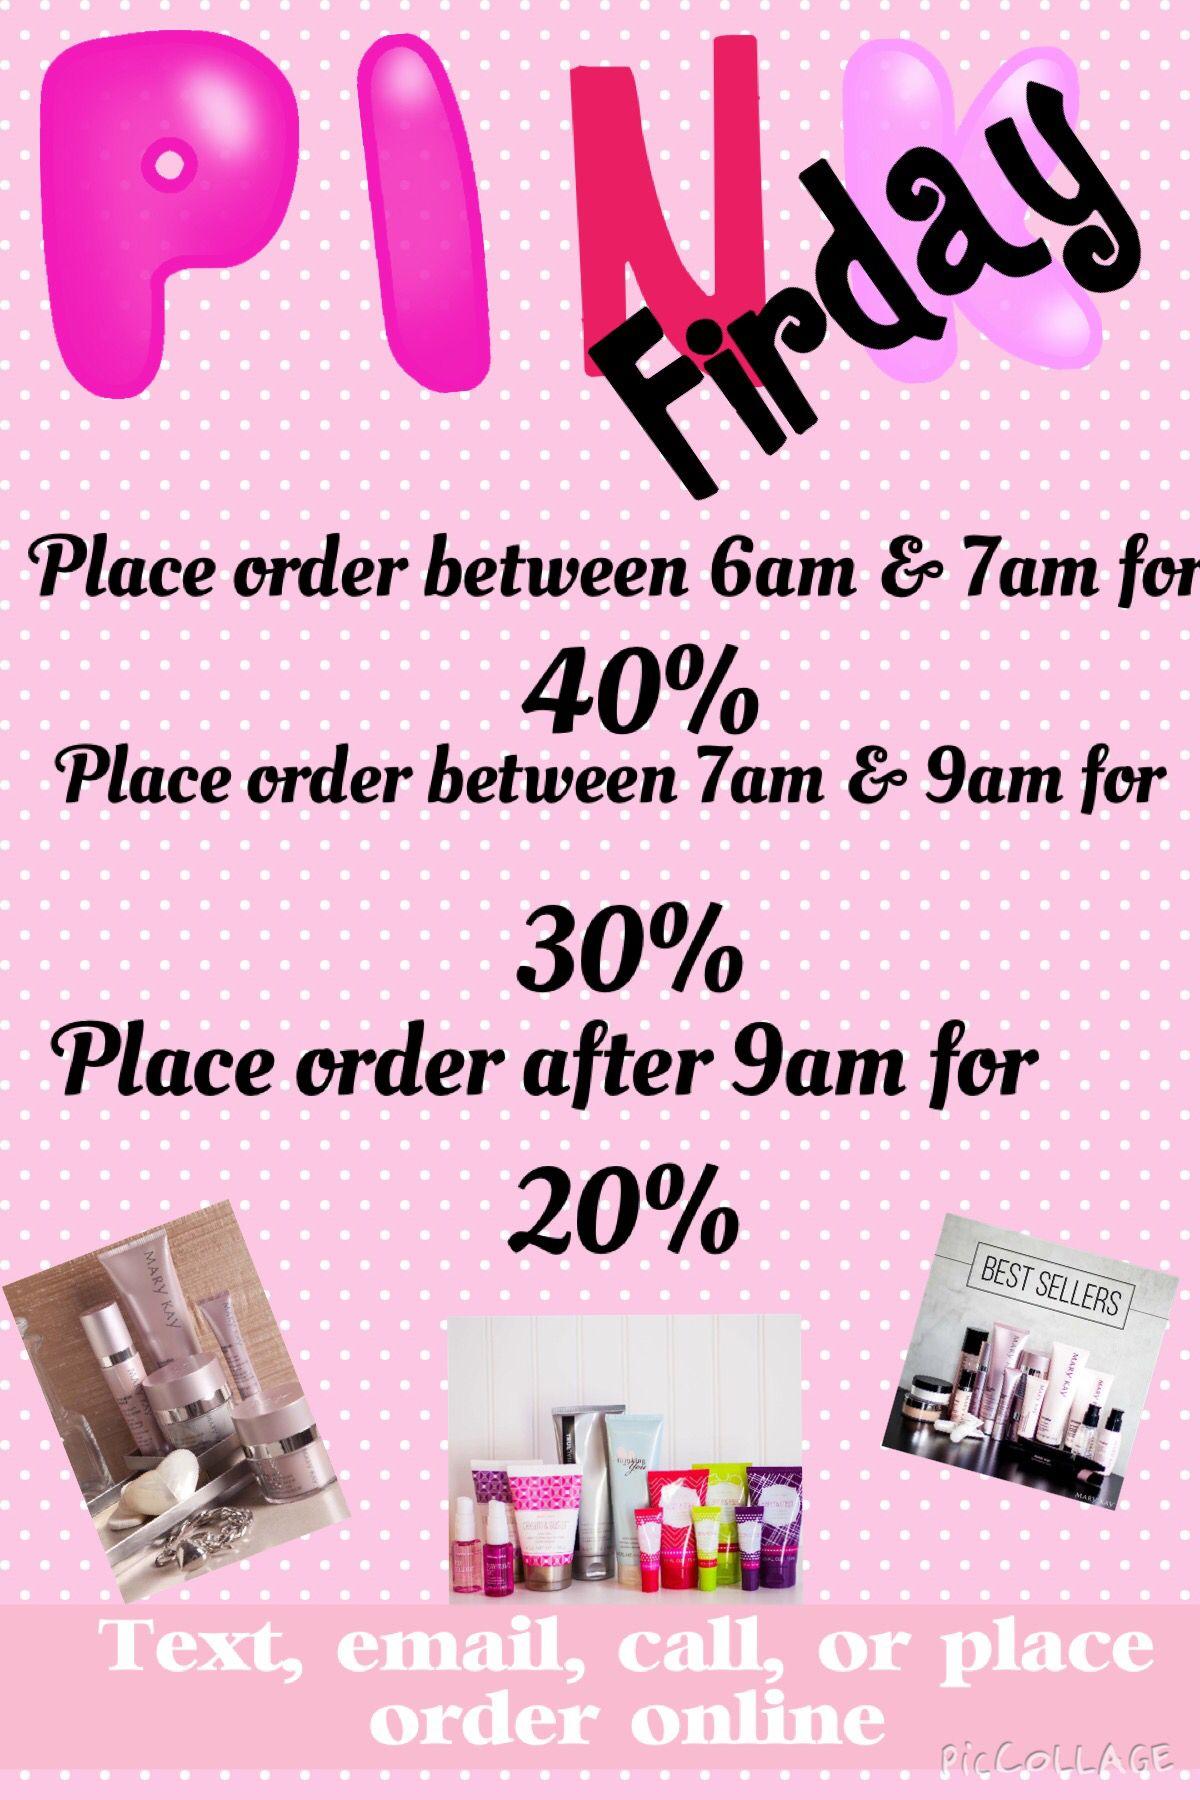 Mary kay pink friday deals maykaysmorgan8095 mk mary kay pink friday deals maykaysmorgan8095 ccuart Images